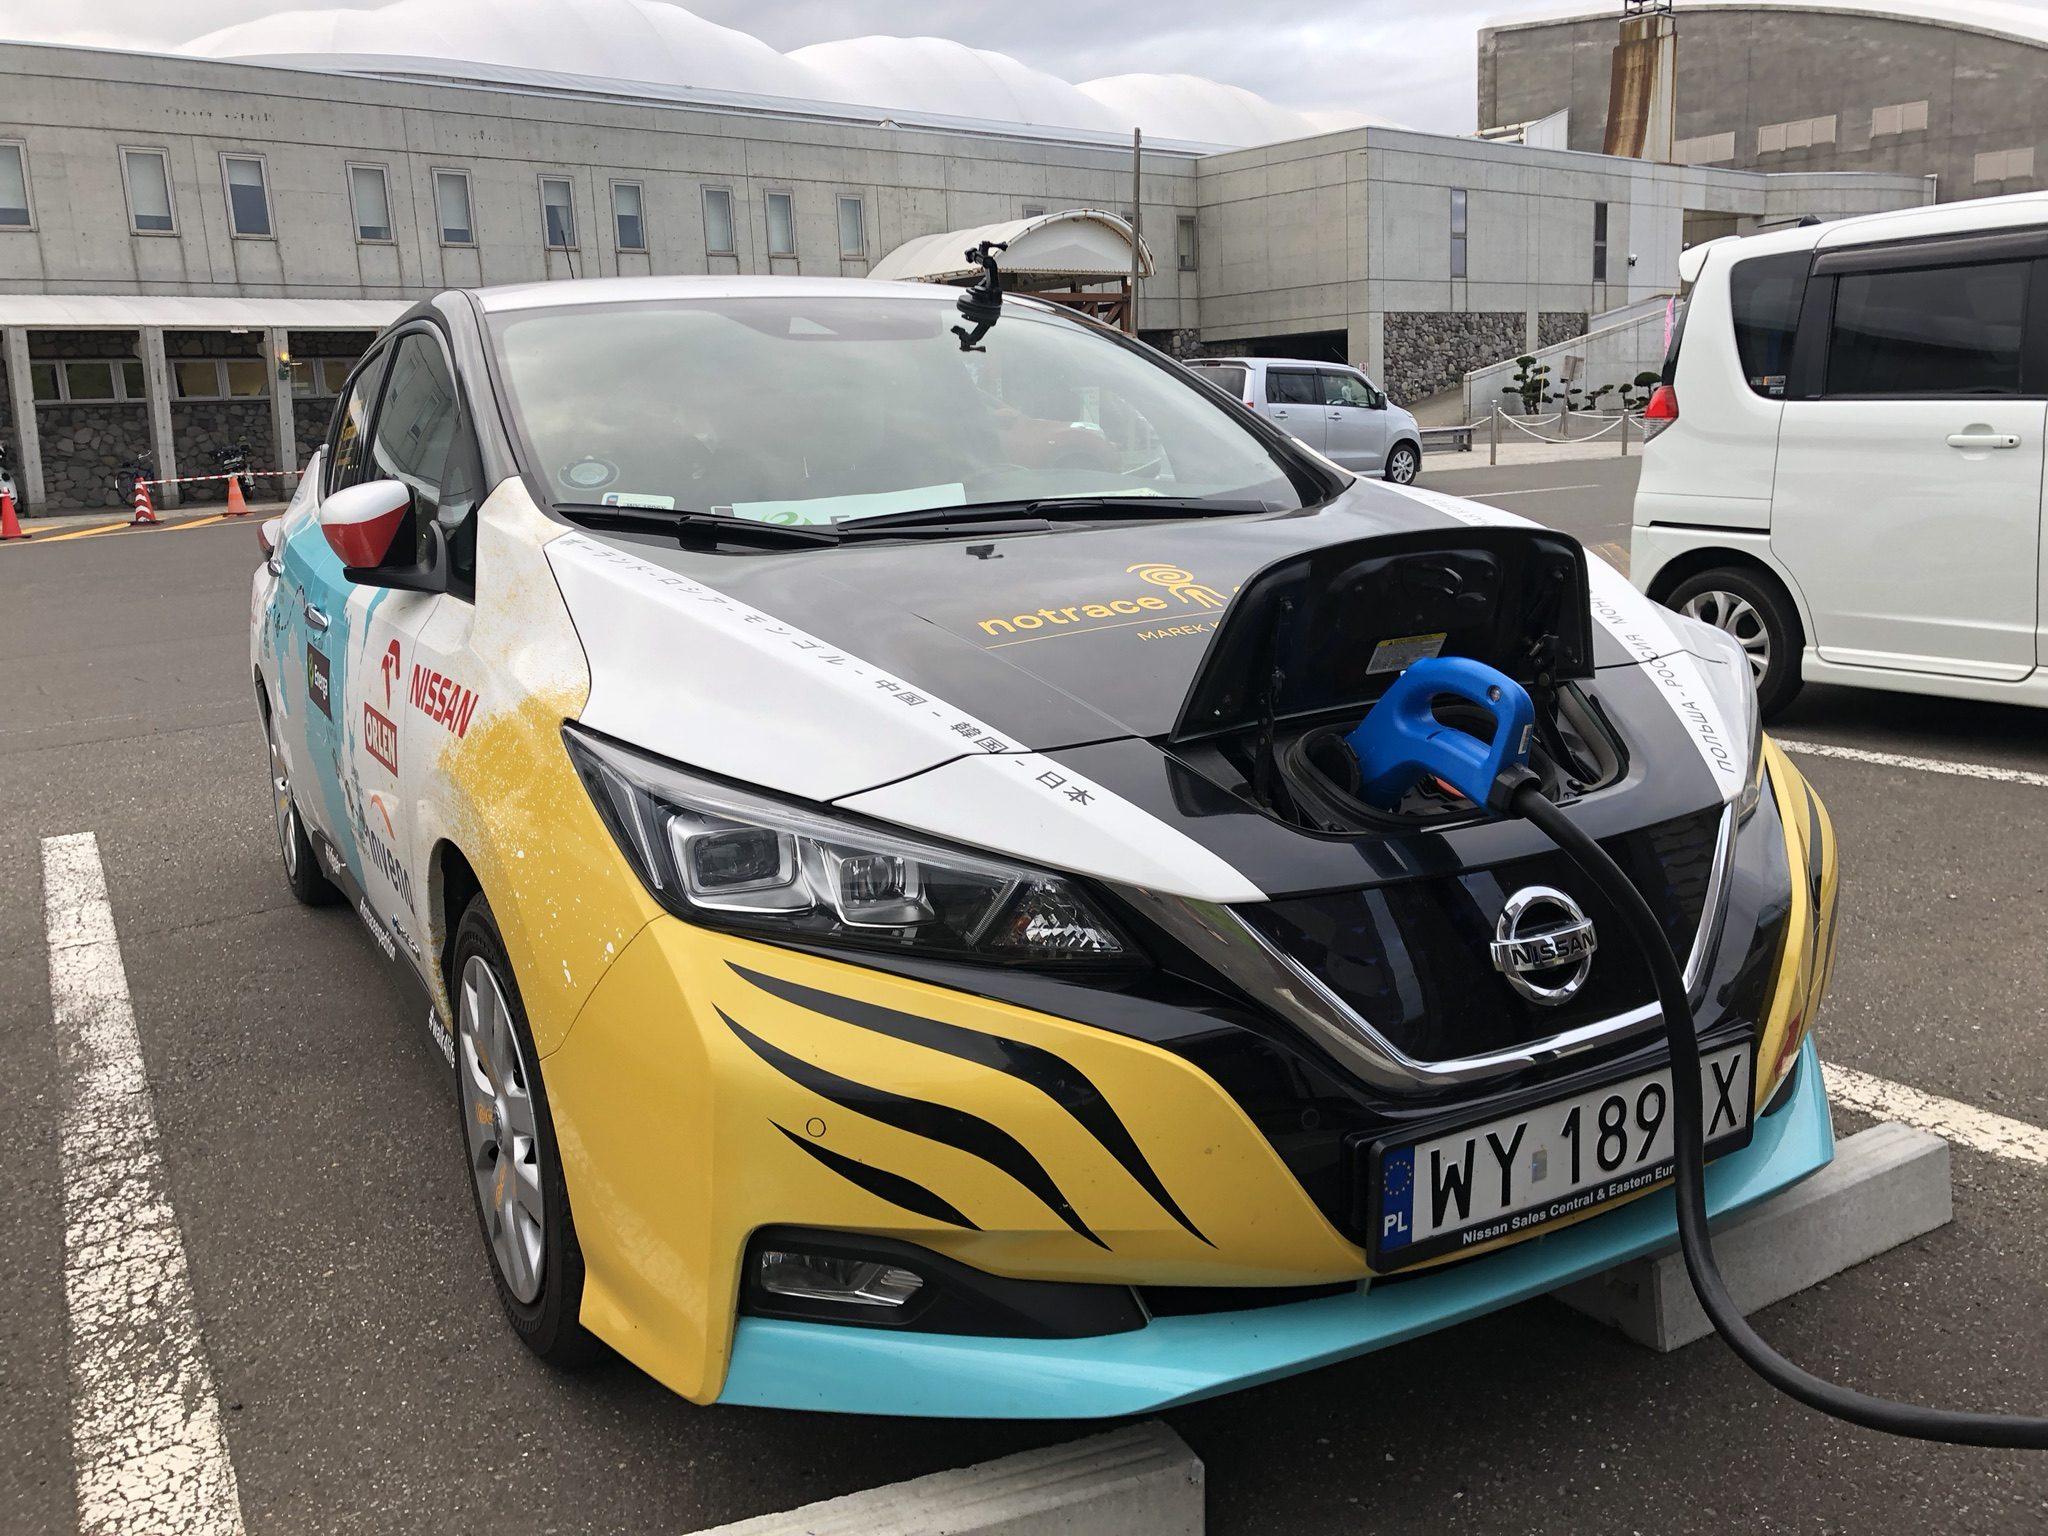 Pieno di energia per la Nissan Leaf utilizzata nell'impresa / Nissan